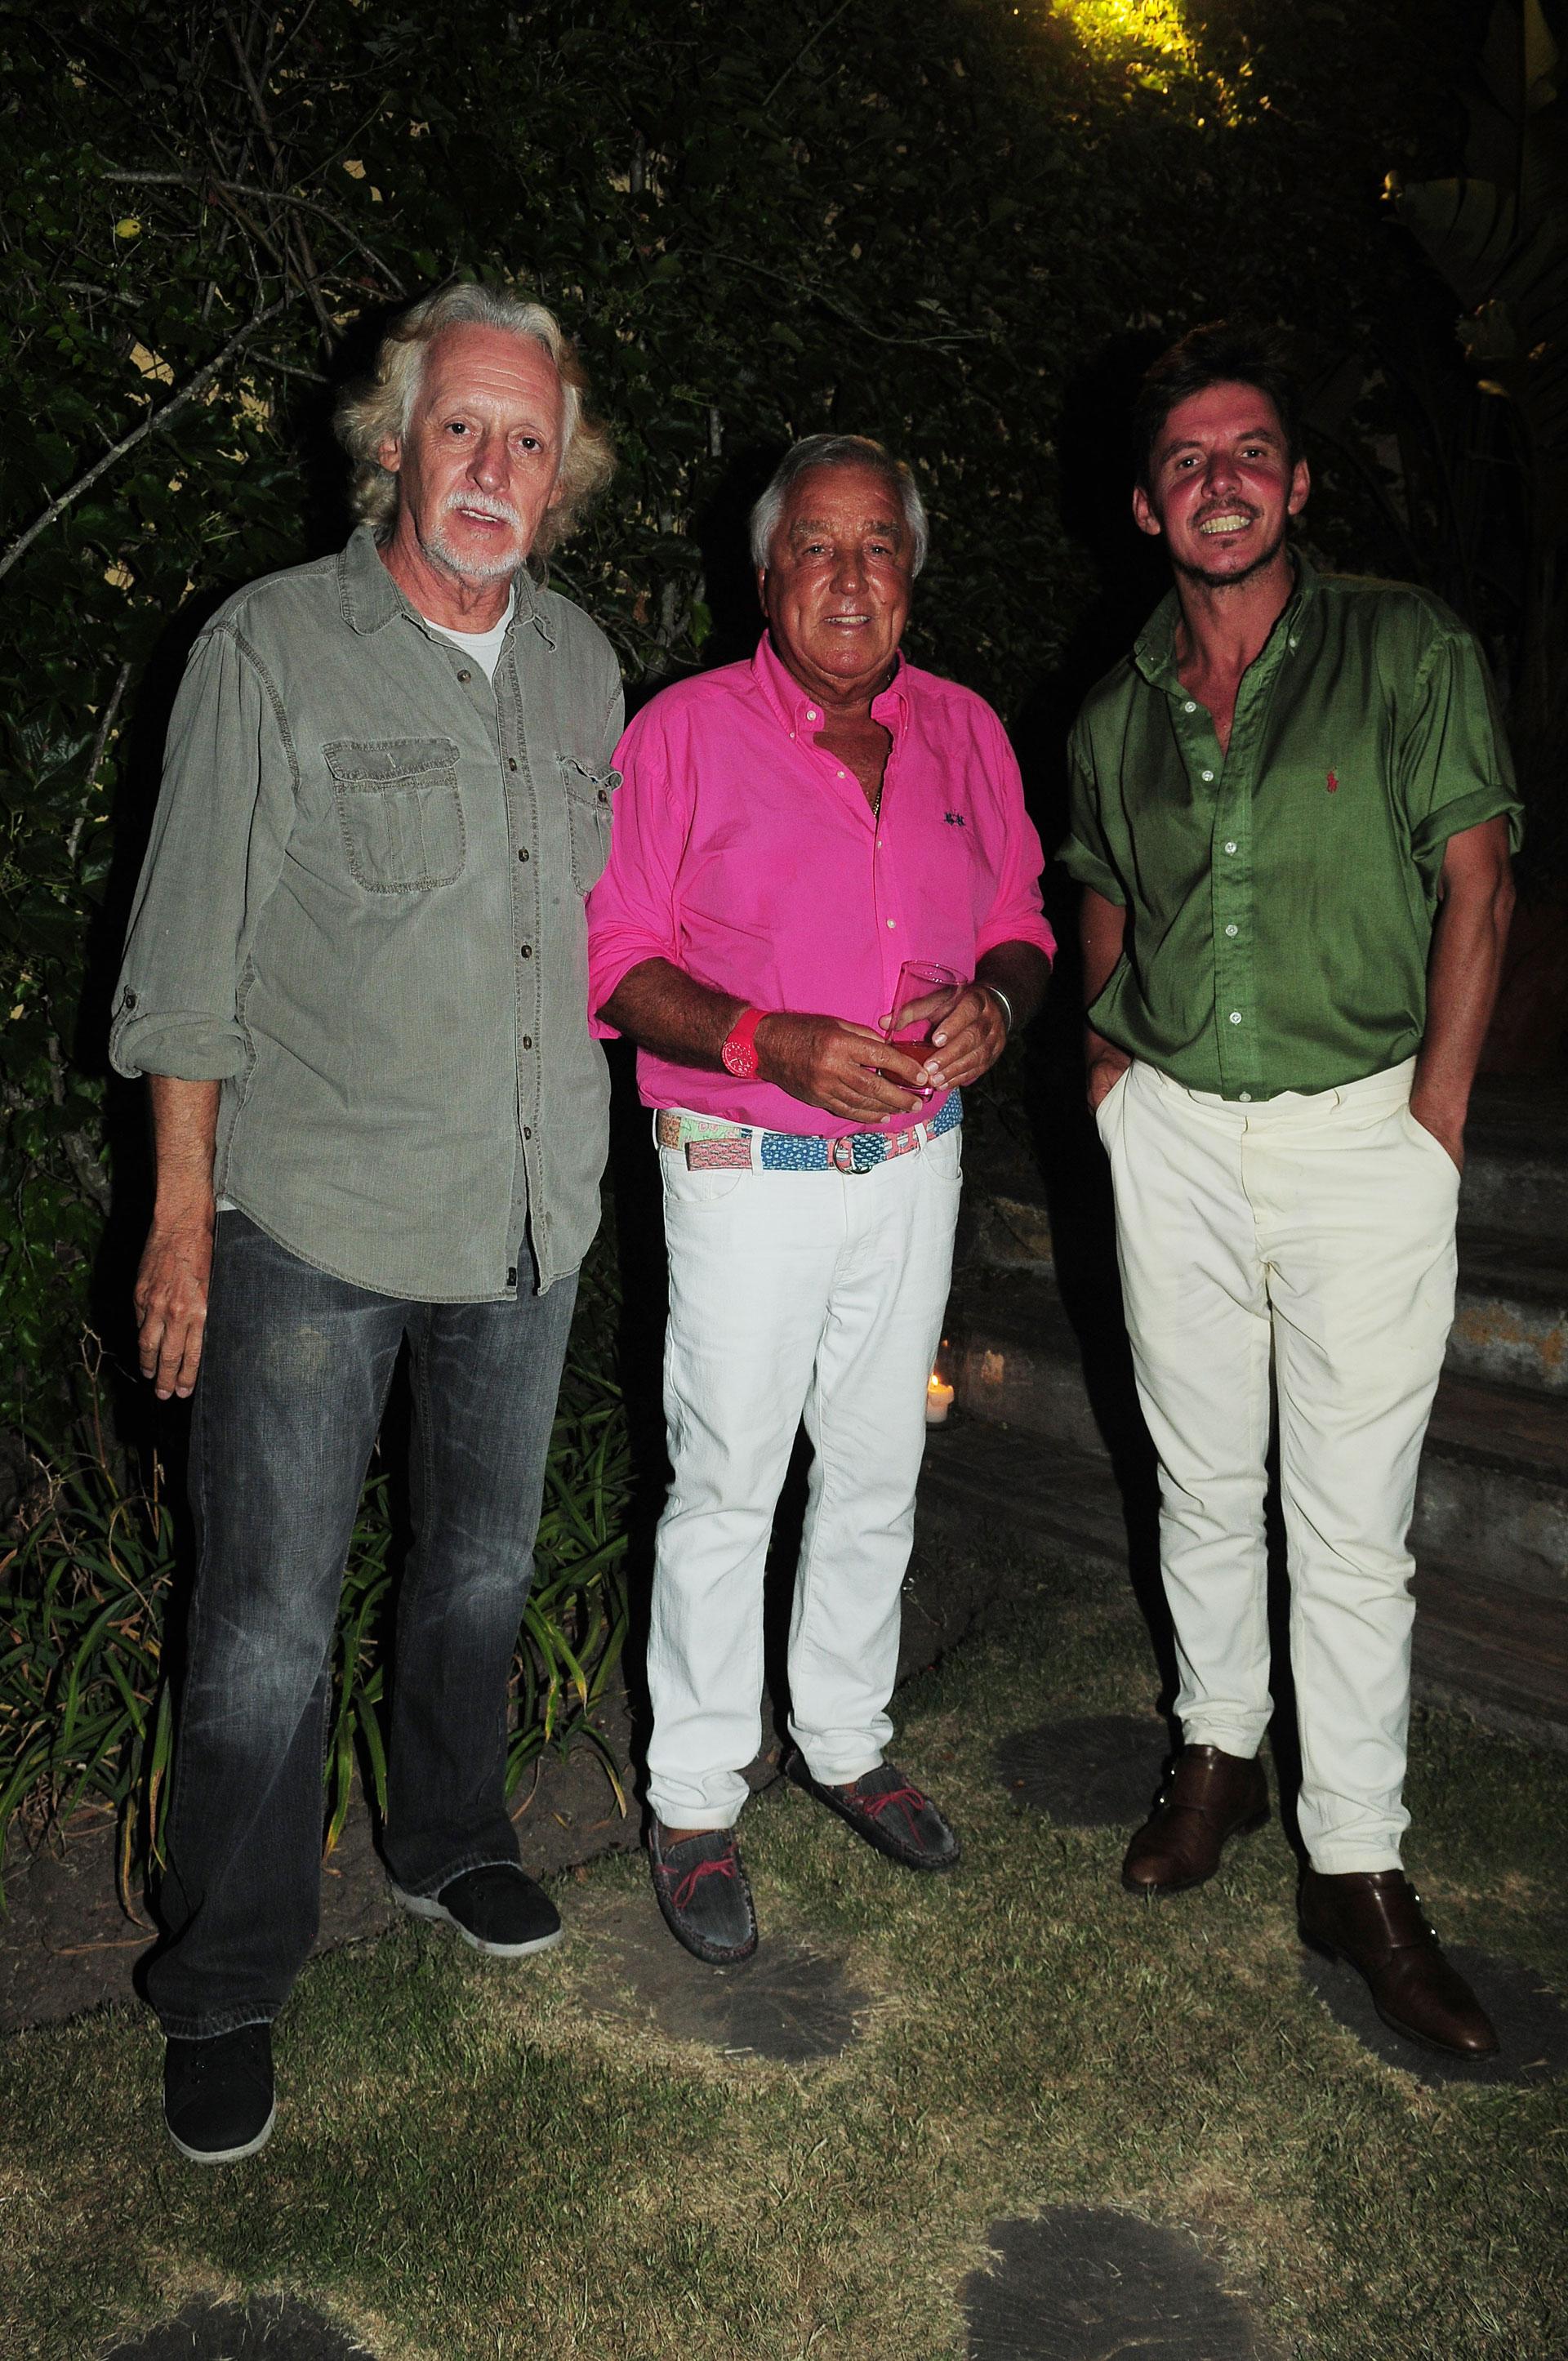 Nito Mestre, Julio De Marco y Gerard Confalonieri